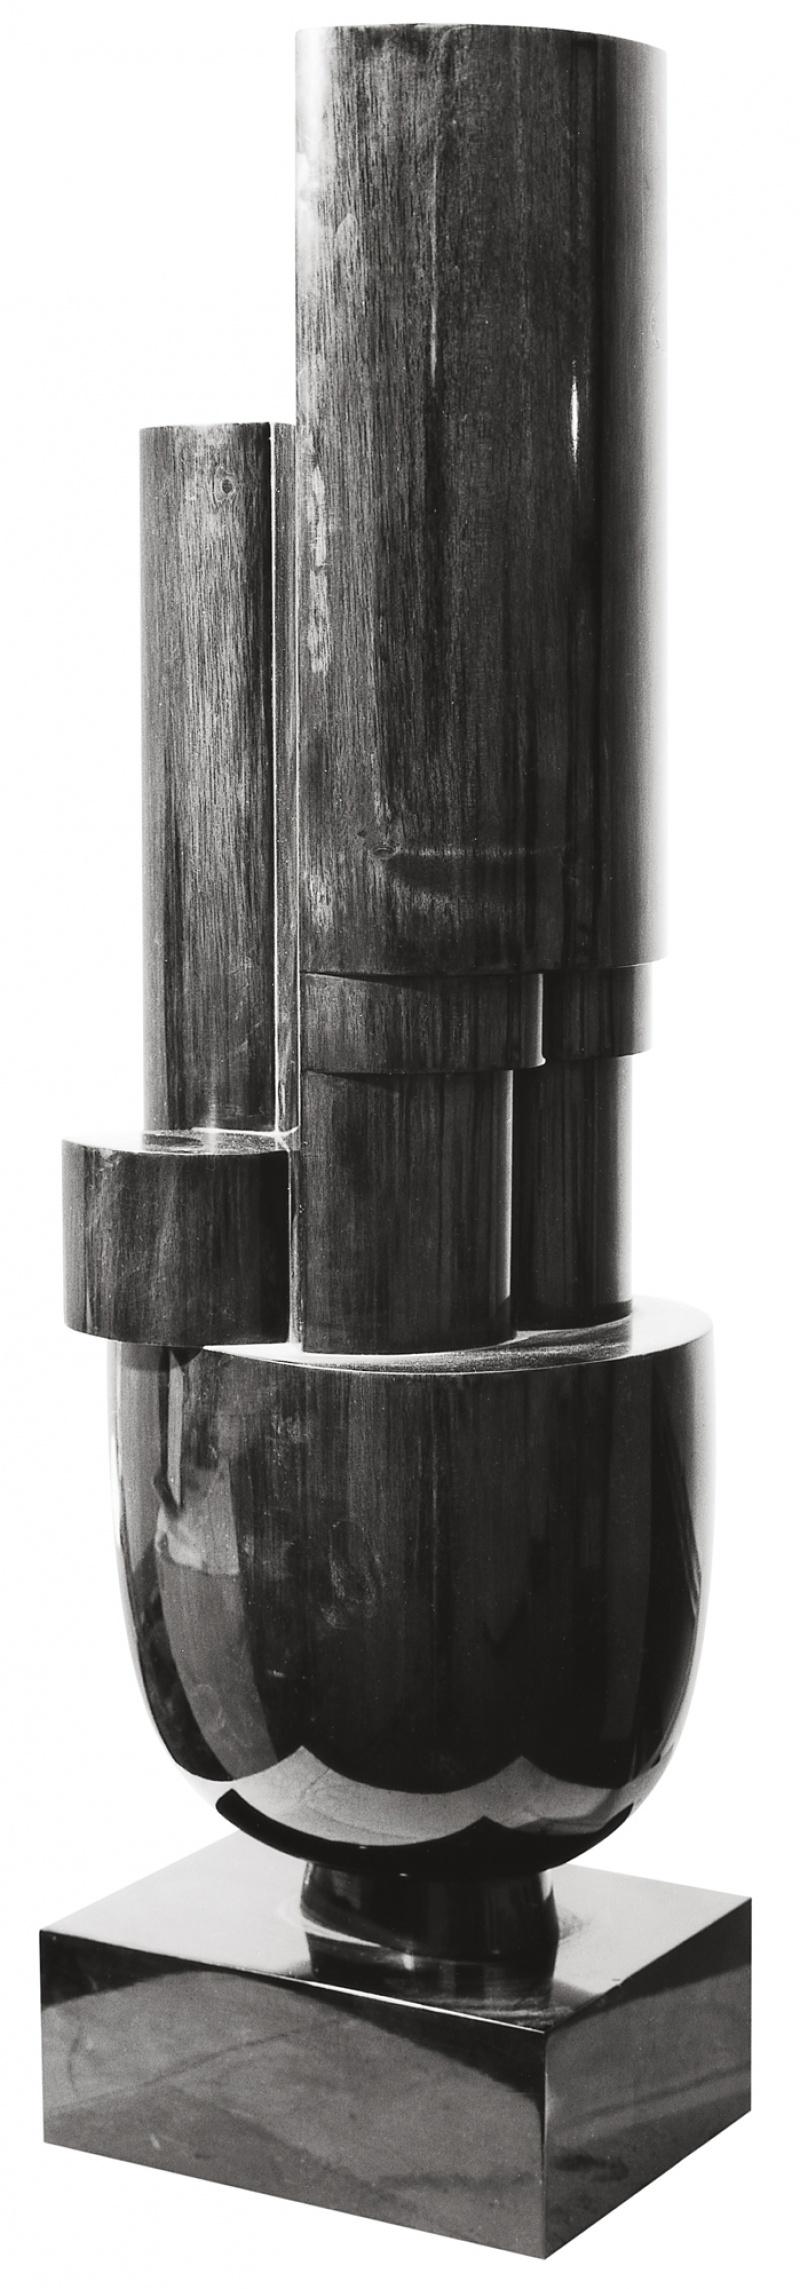 Jean Chauvin - Sculpteur - Narcisse 2 - bois - 1940